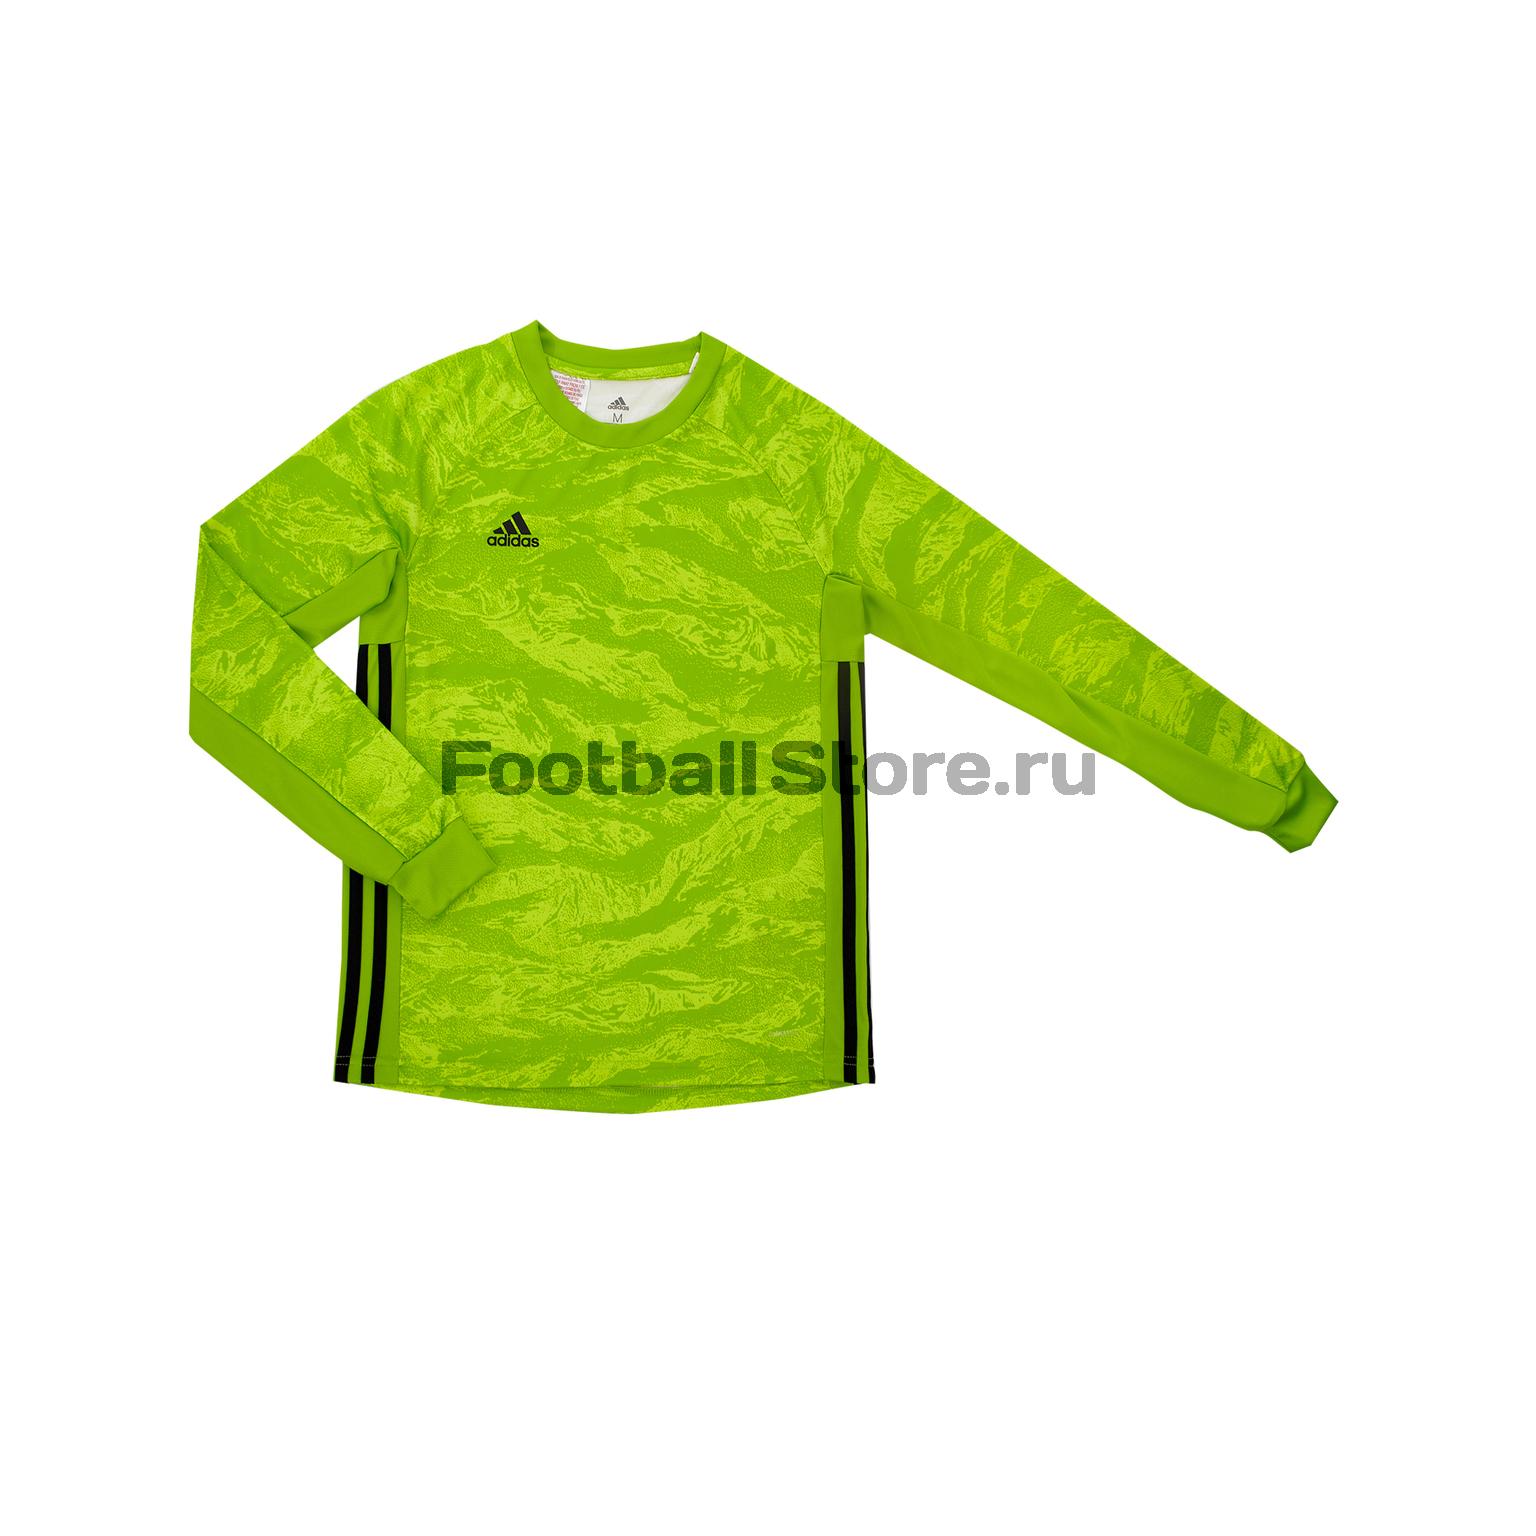 Свитер вратарский подростковый Adidas Adipro 19 DP3143 свитера adidas свитер вратарский adidas adipro 18 gk l cv6349